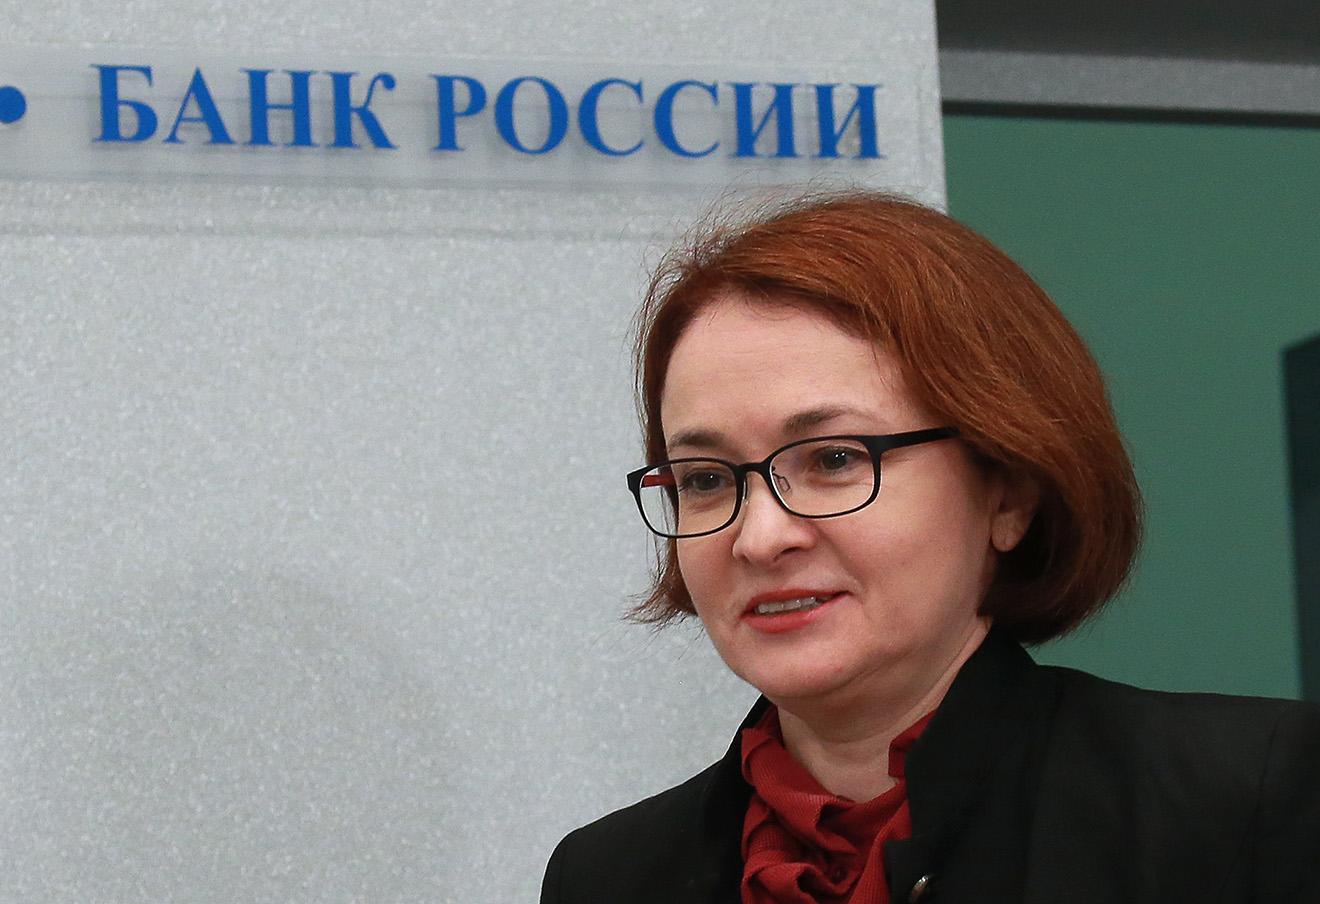 Эльвира Набиуллина. Фото: Сергей Фадеичев / ТАСС